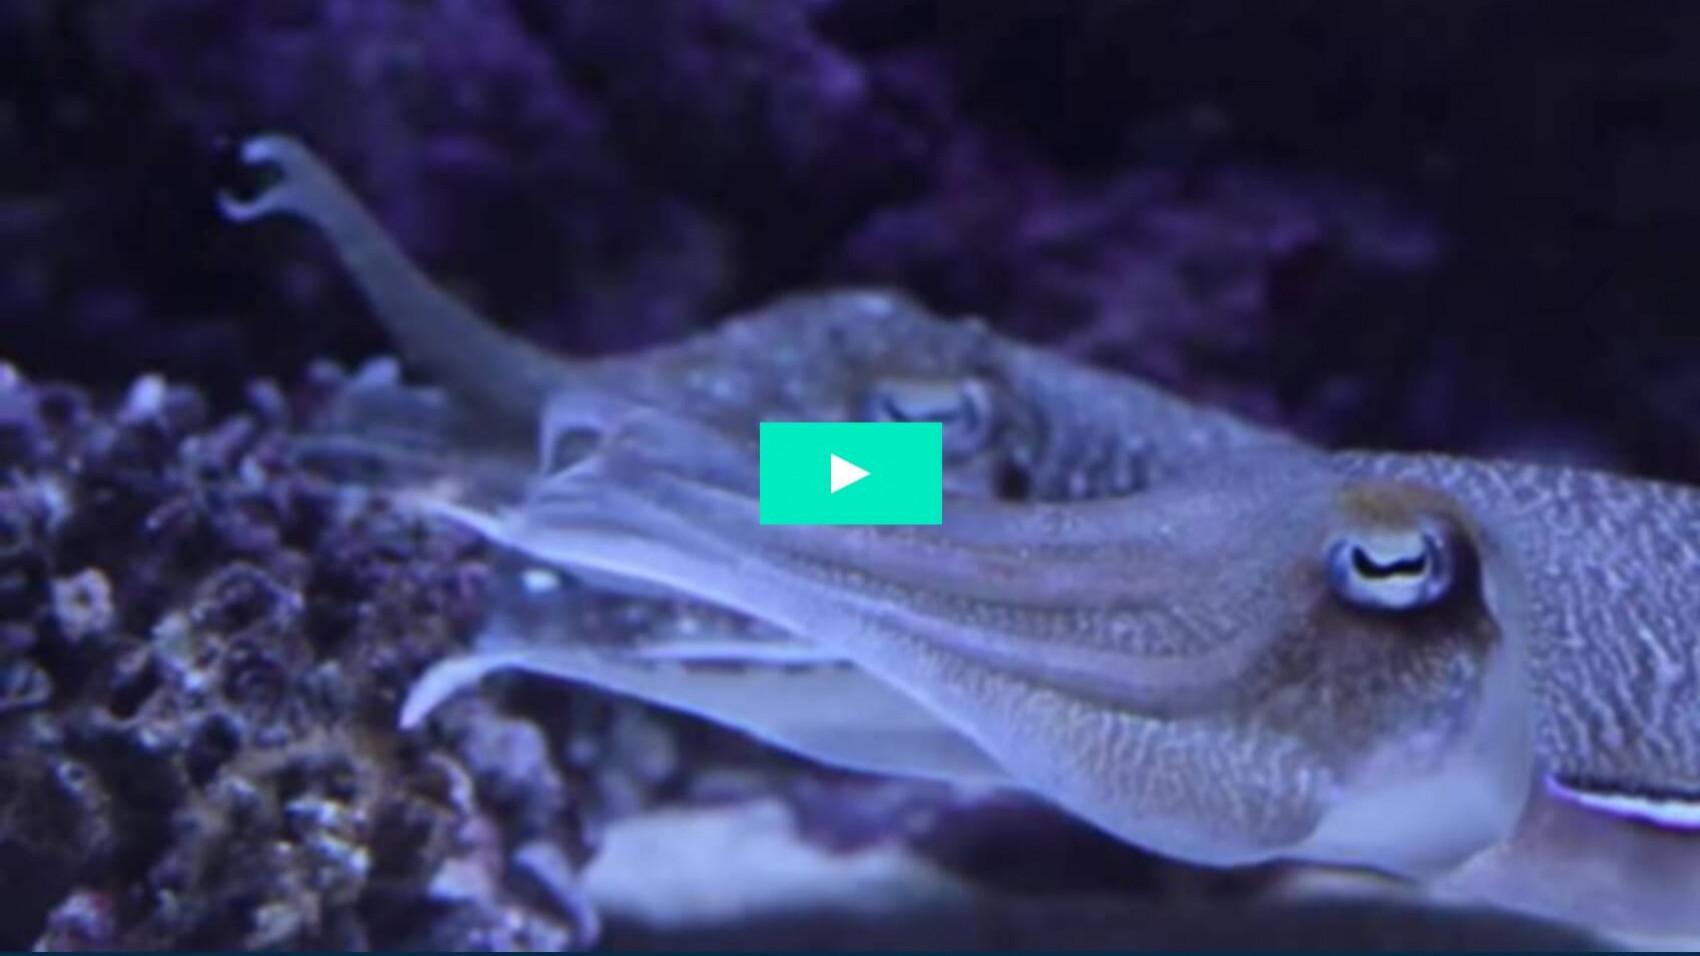 Havets superhelt: Sepiablæksprutten